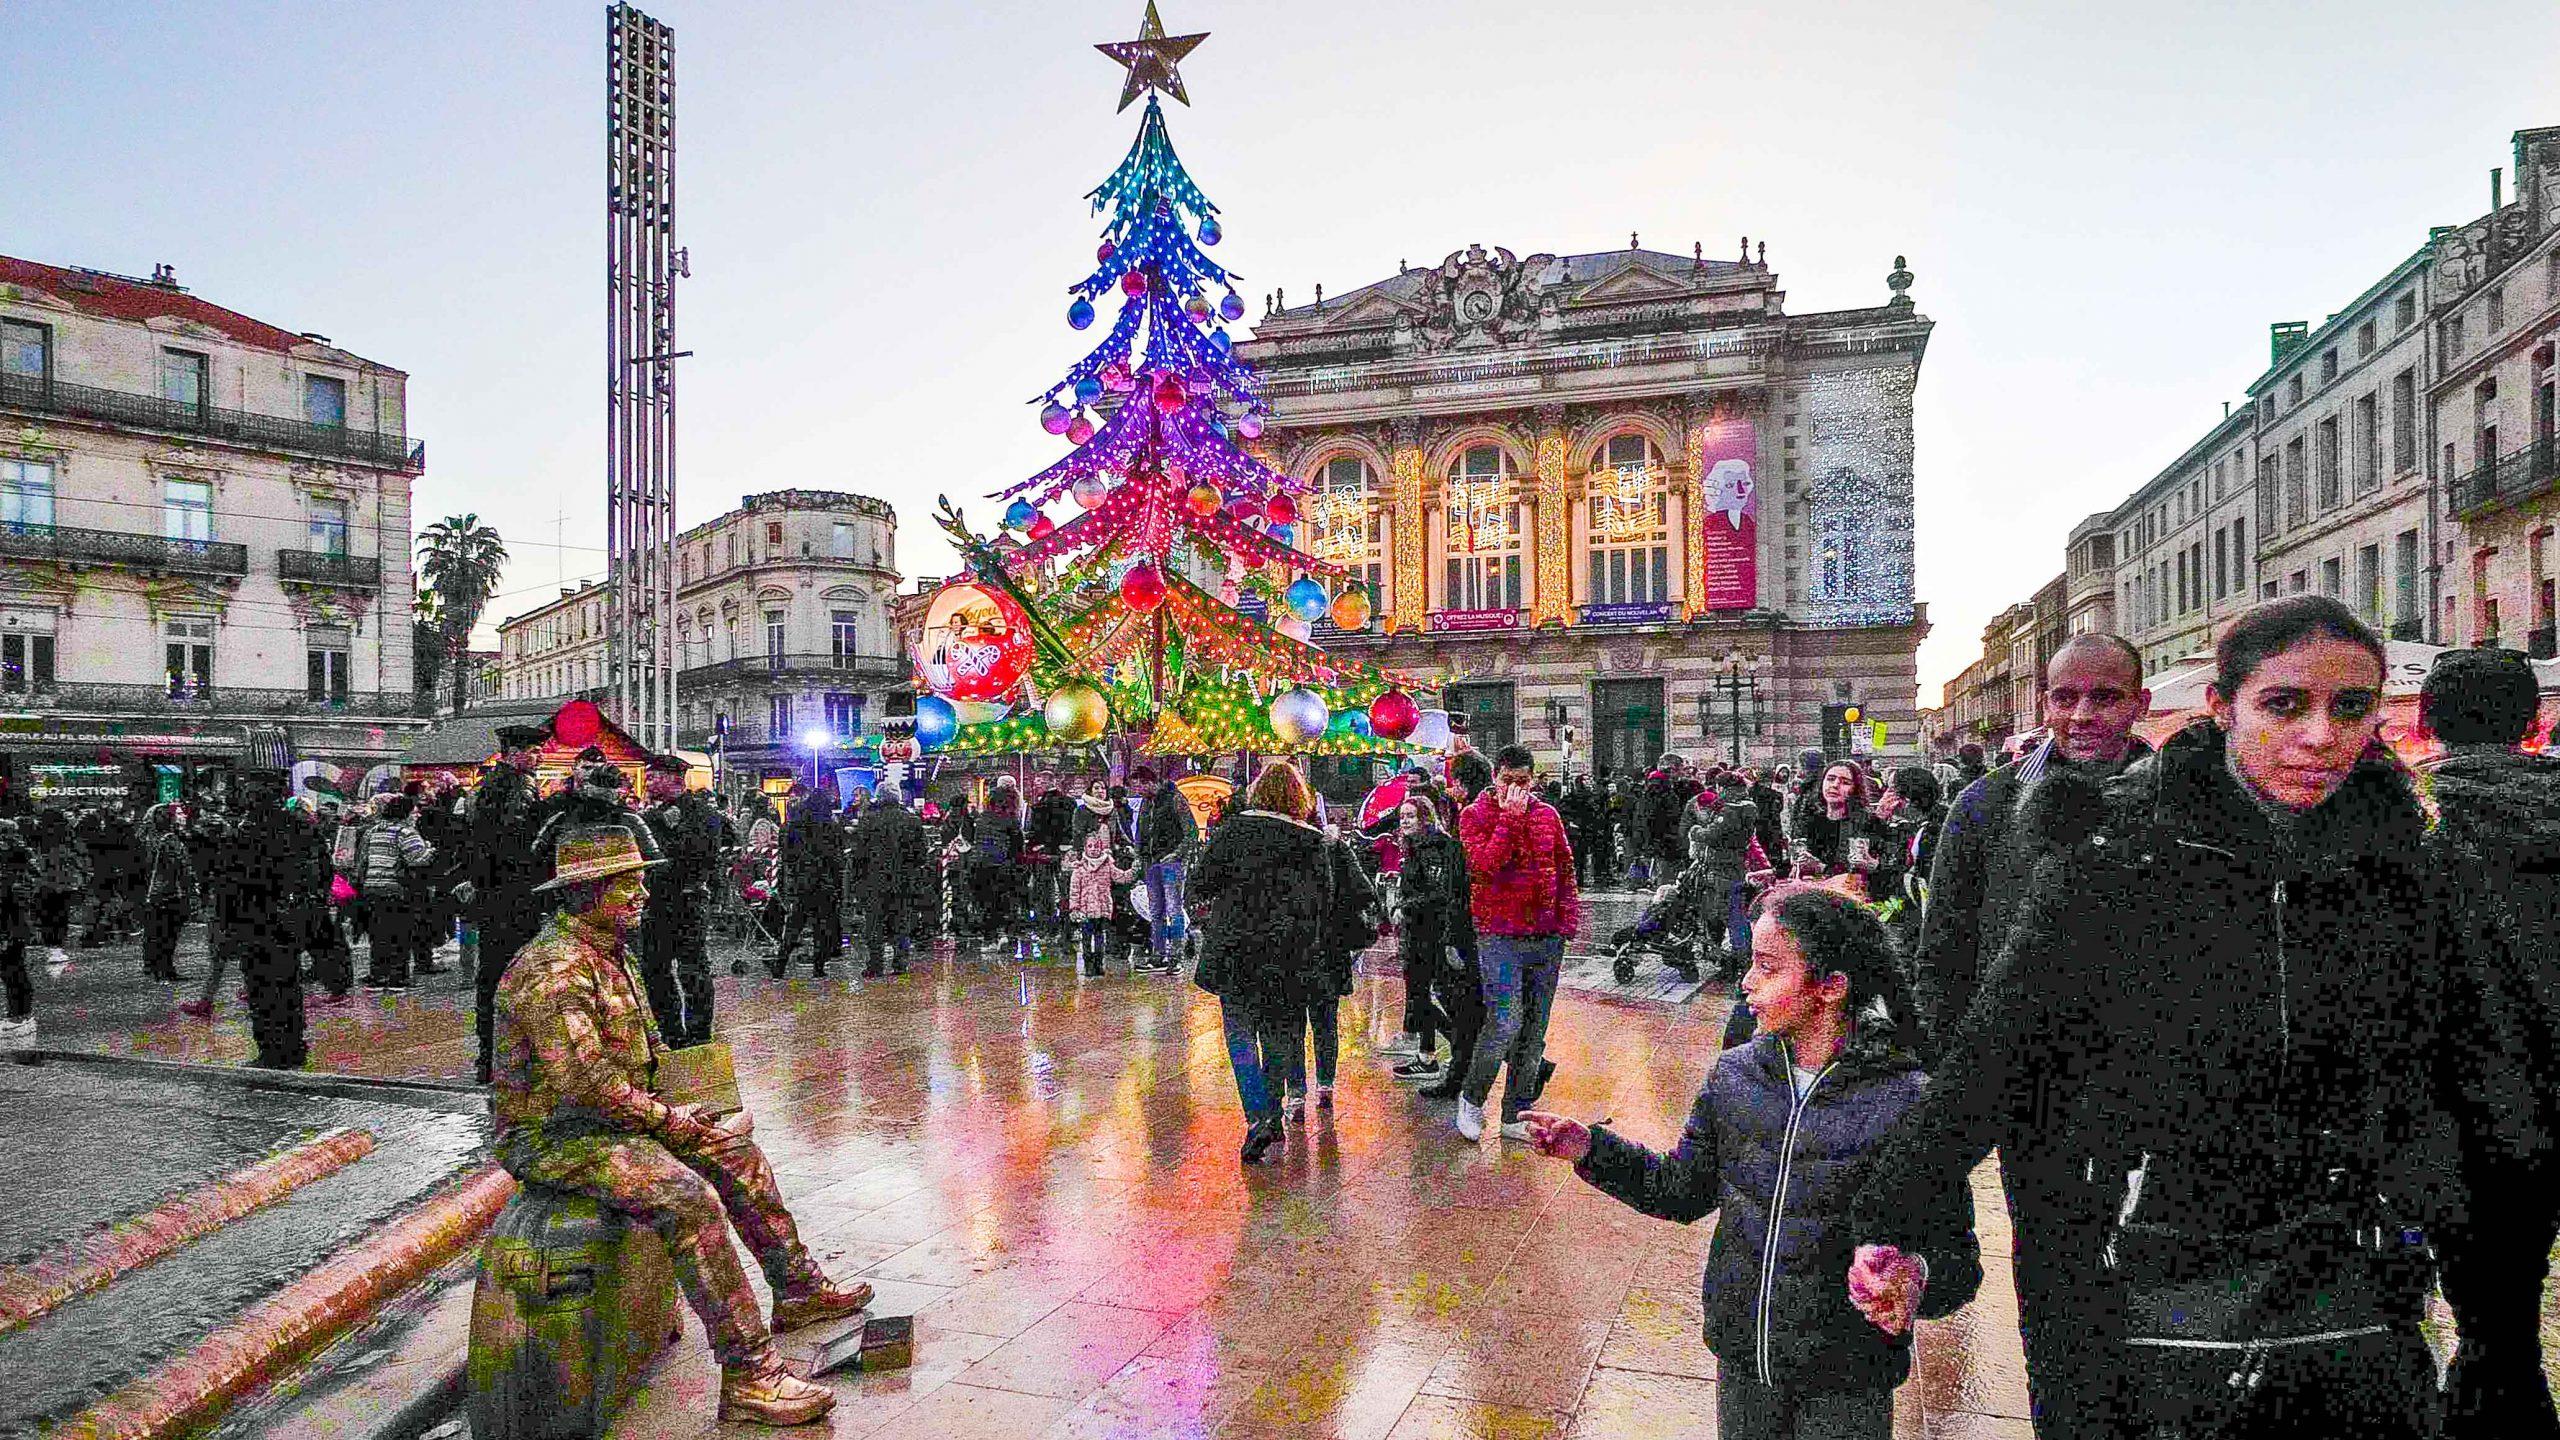 Foto der Place de la Comédie nicht mit HDRinstant bearbeitet